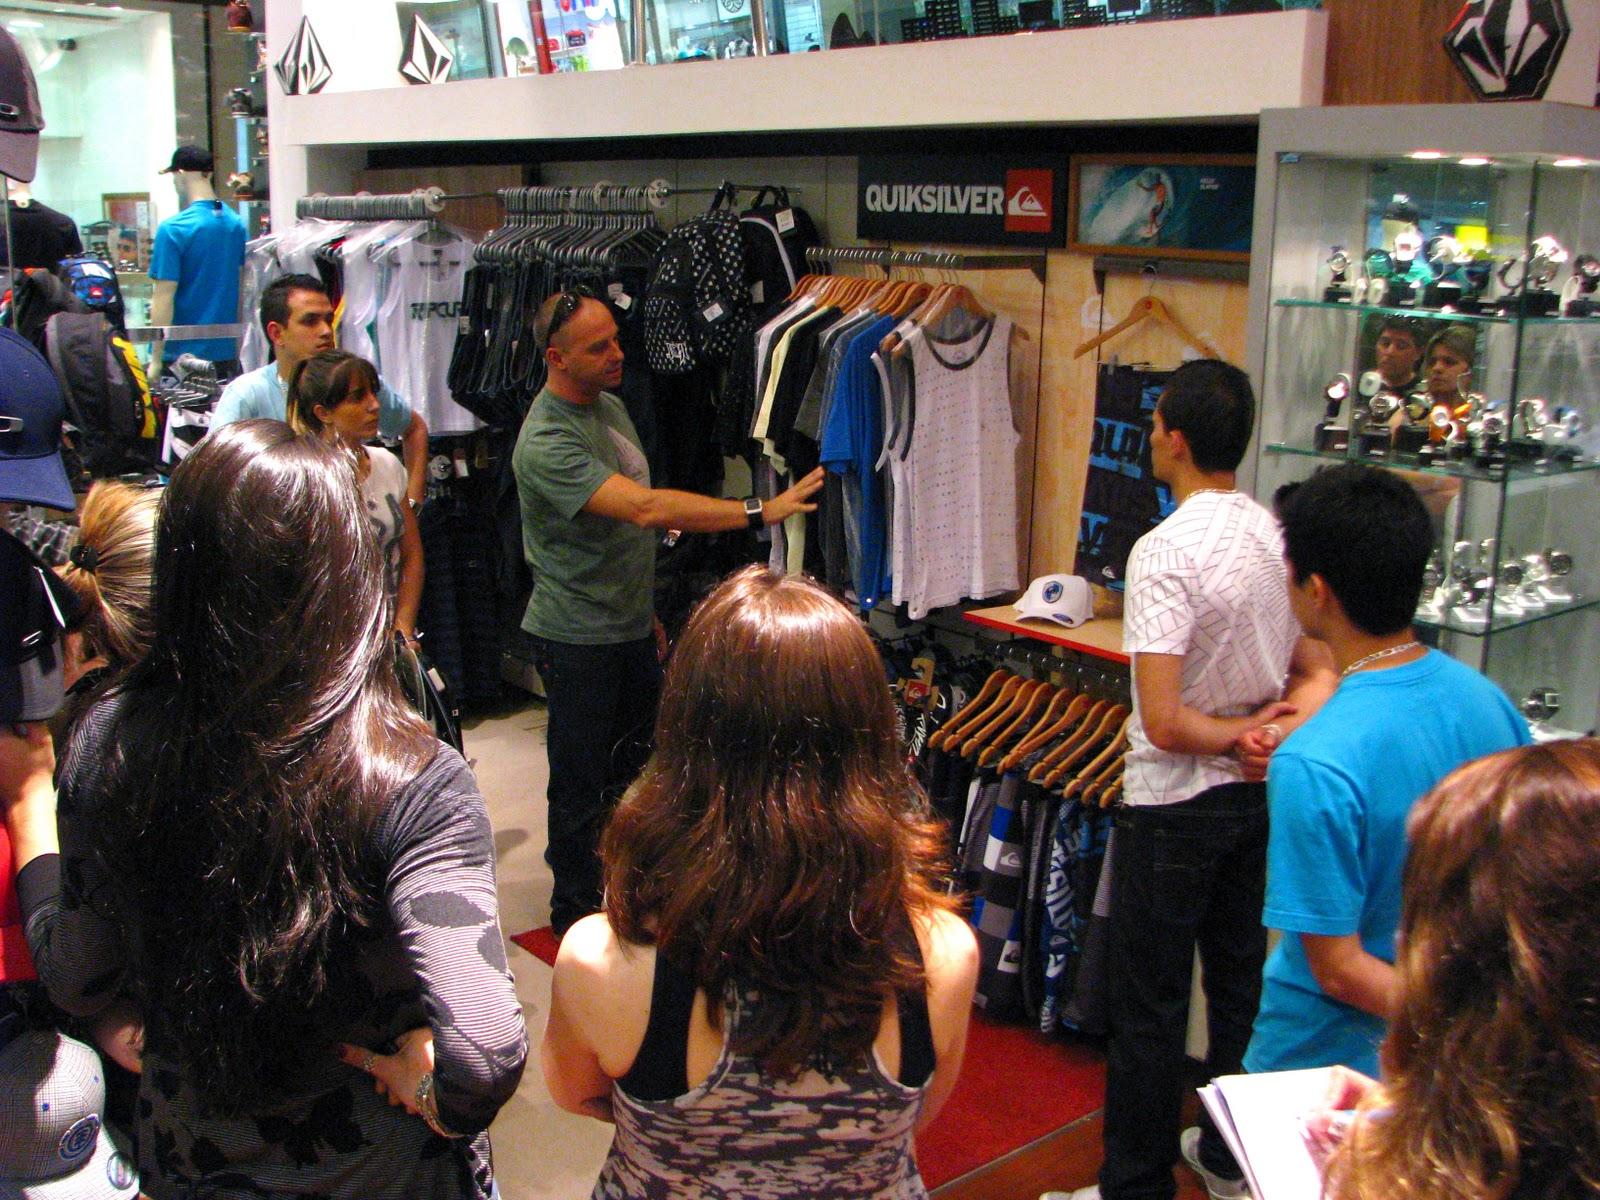 De 10 lojas no Brasil a loja Sunpeak Surf e Skate do Shopping Center Vale  foi a escolhida no Vale do Paraíba para ser a sede do CORNER da QUIKSILVER  E ROXY 0bad2db7ab